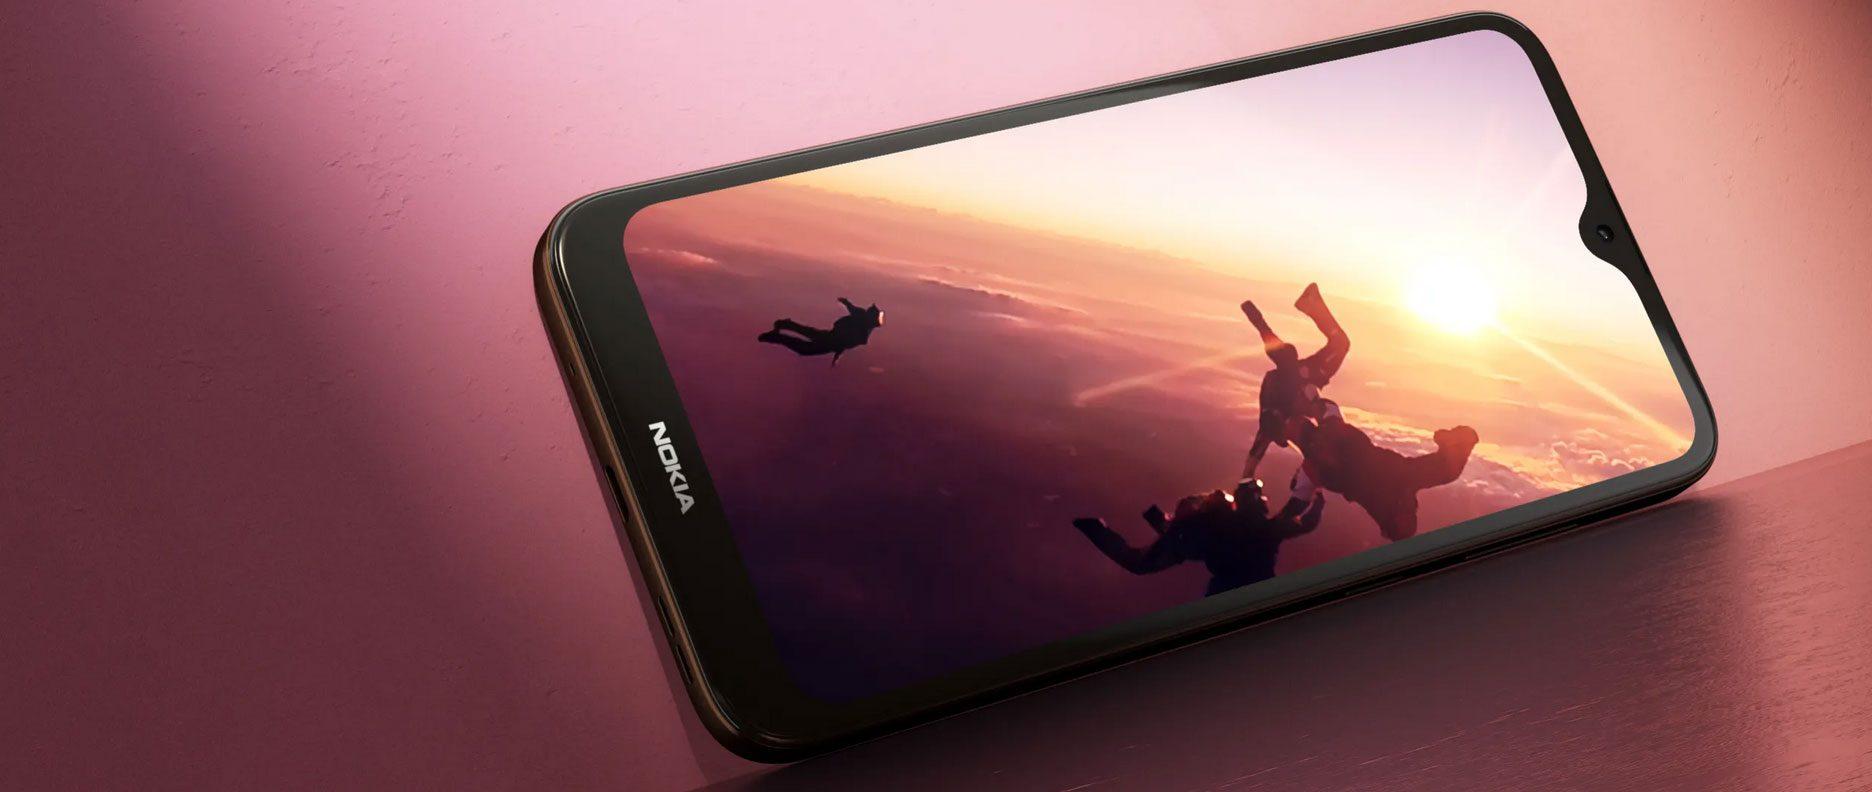 Nokia-2.3-Detail-02